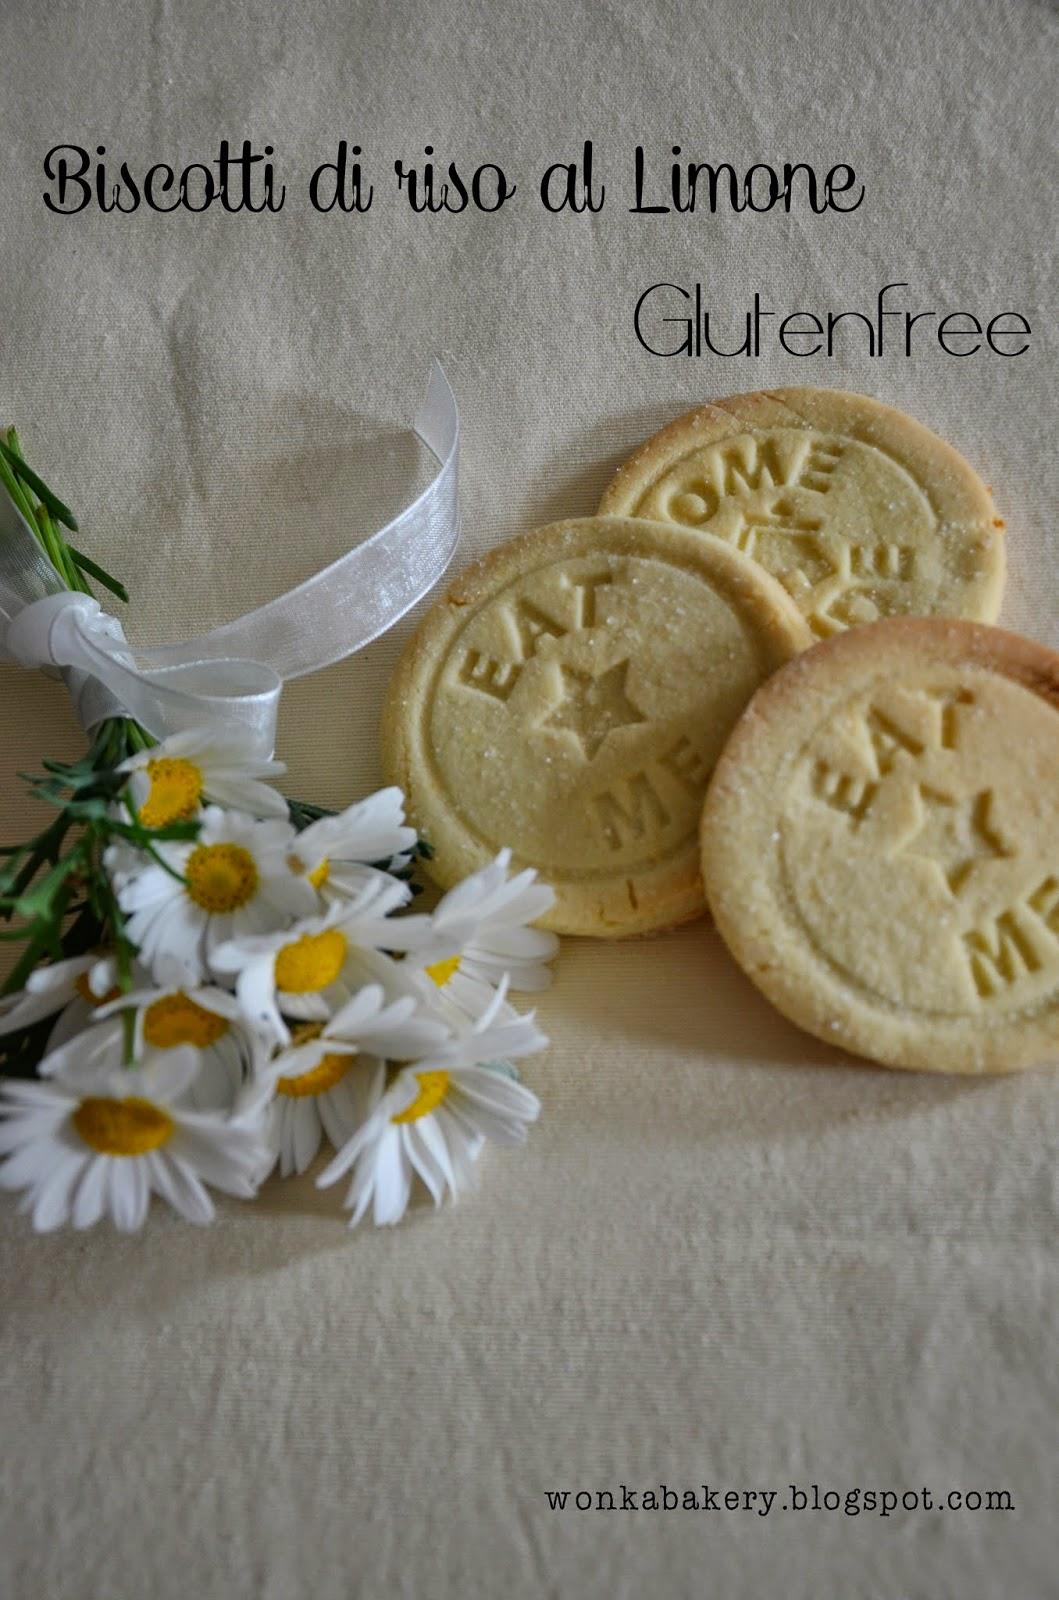 biscotti di riso glutenfree e nuova grafica per il blog!